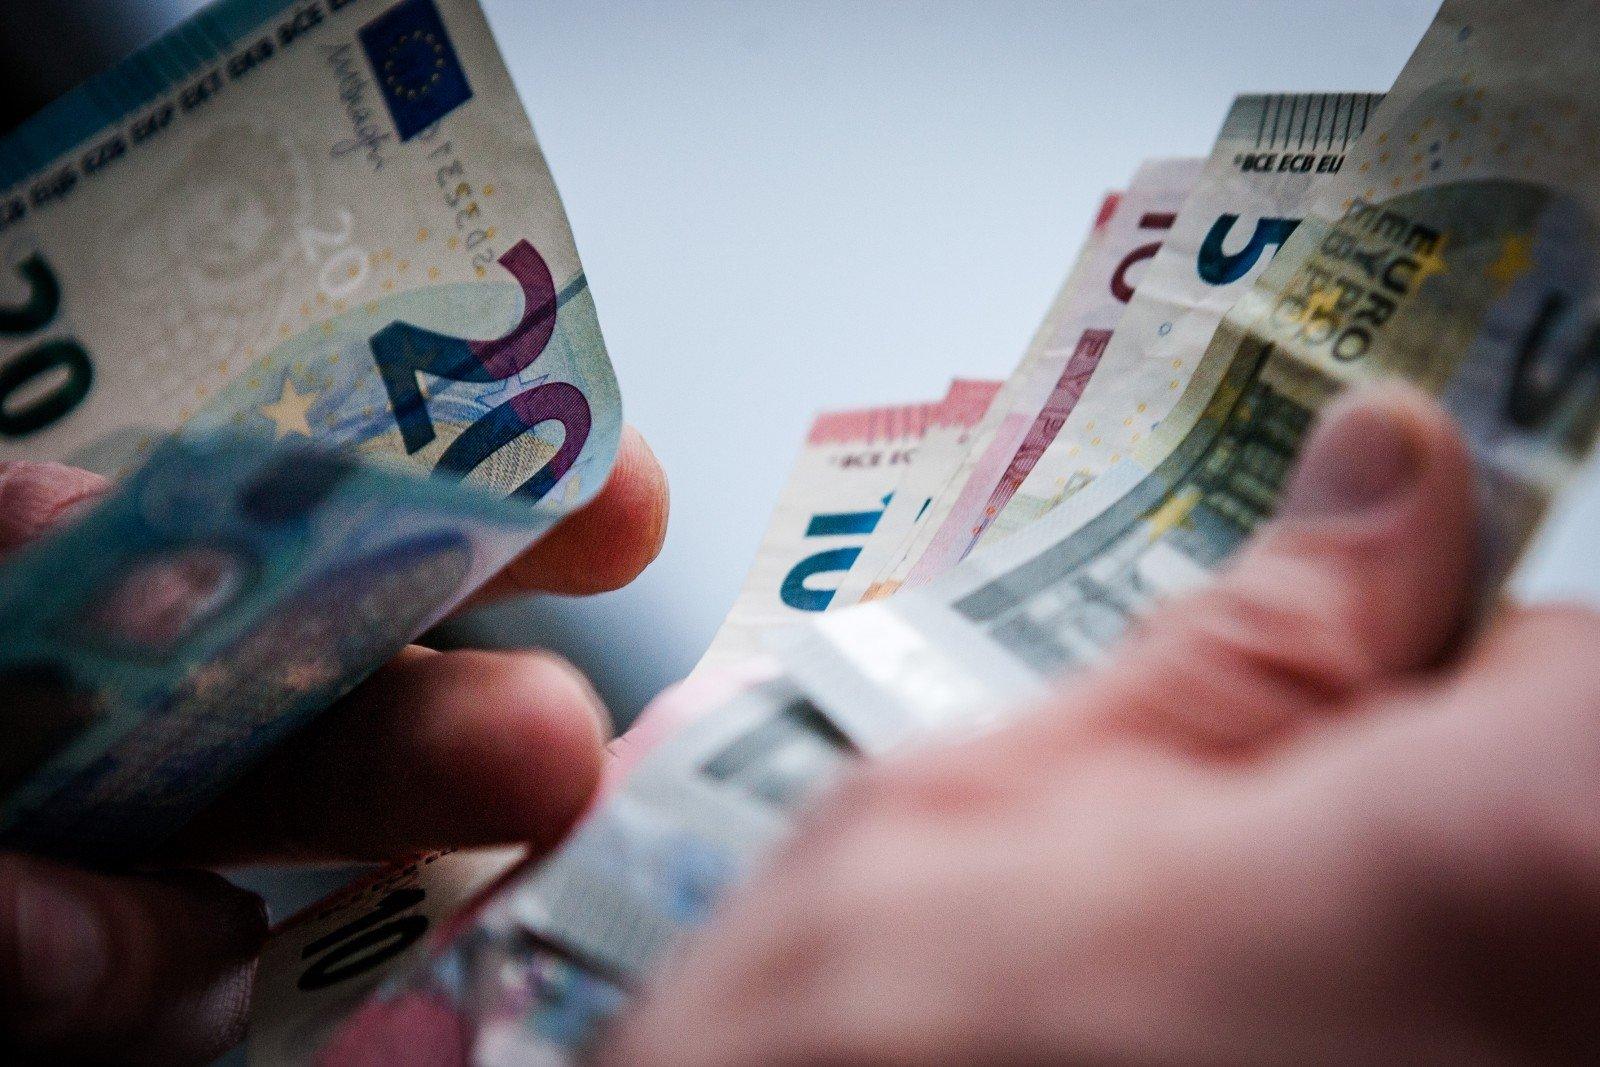 kaip padaryti papildomus pinigus namuose po darbo